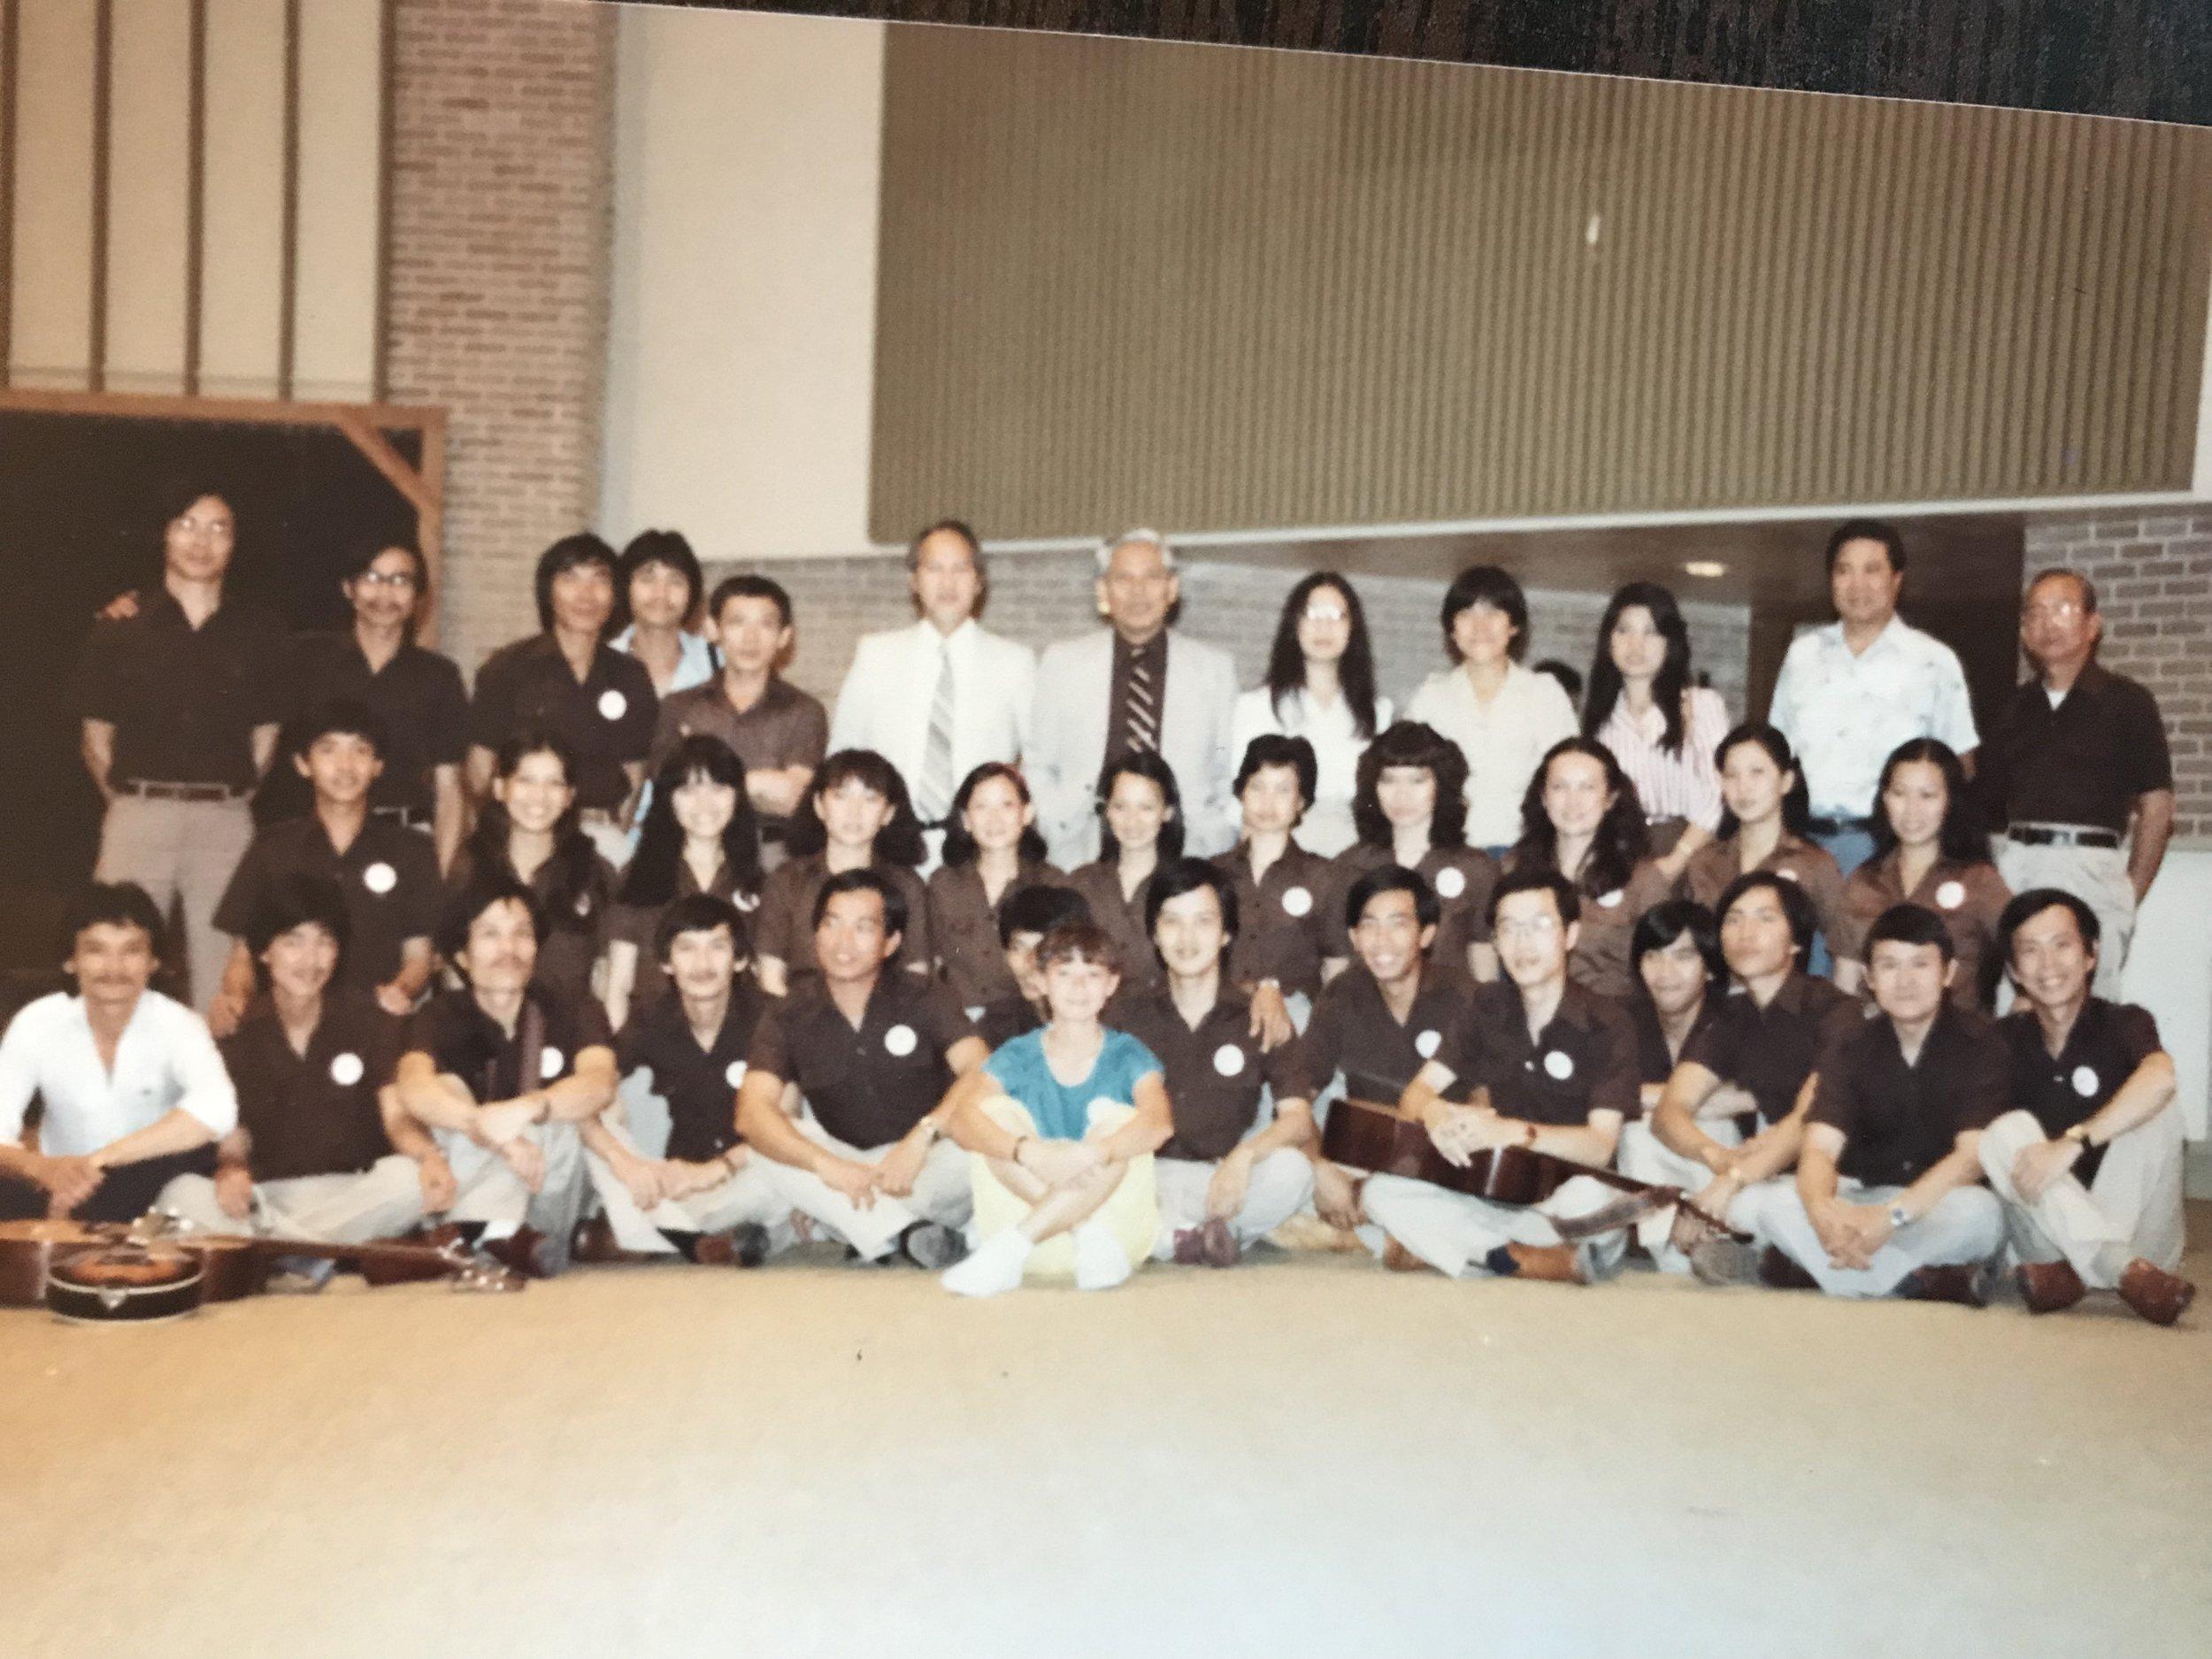 Đoàn văn nghệ Kháng Chiến Houston trong một chuyến lưu diễn ở Dallas. Texas, Hoa Kỳ.